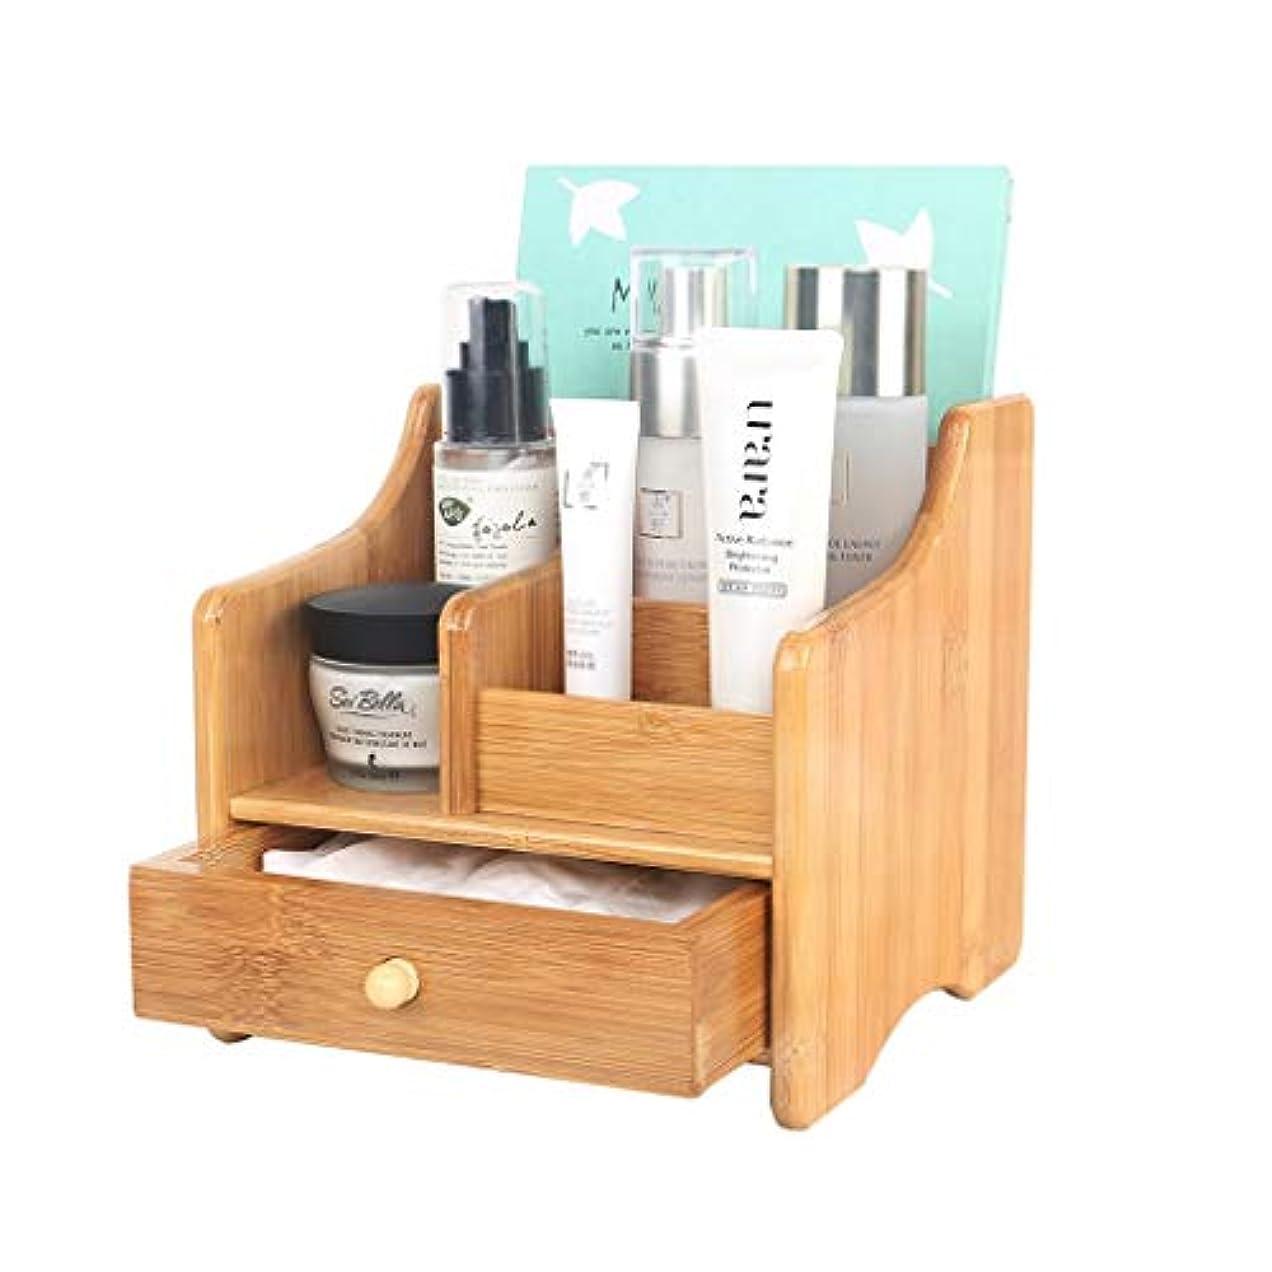 外側専門知識穴化粧品収納ボックス木製引き出しタイプシンプル収納ラックホームスキンケア製品